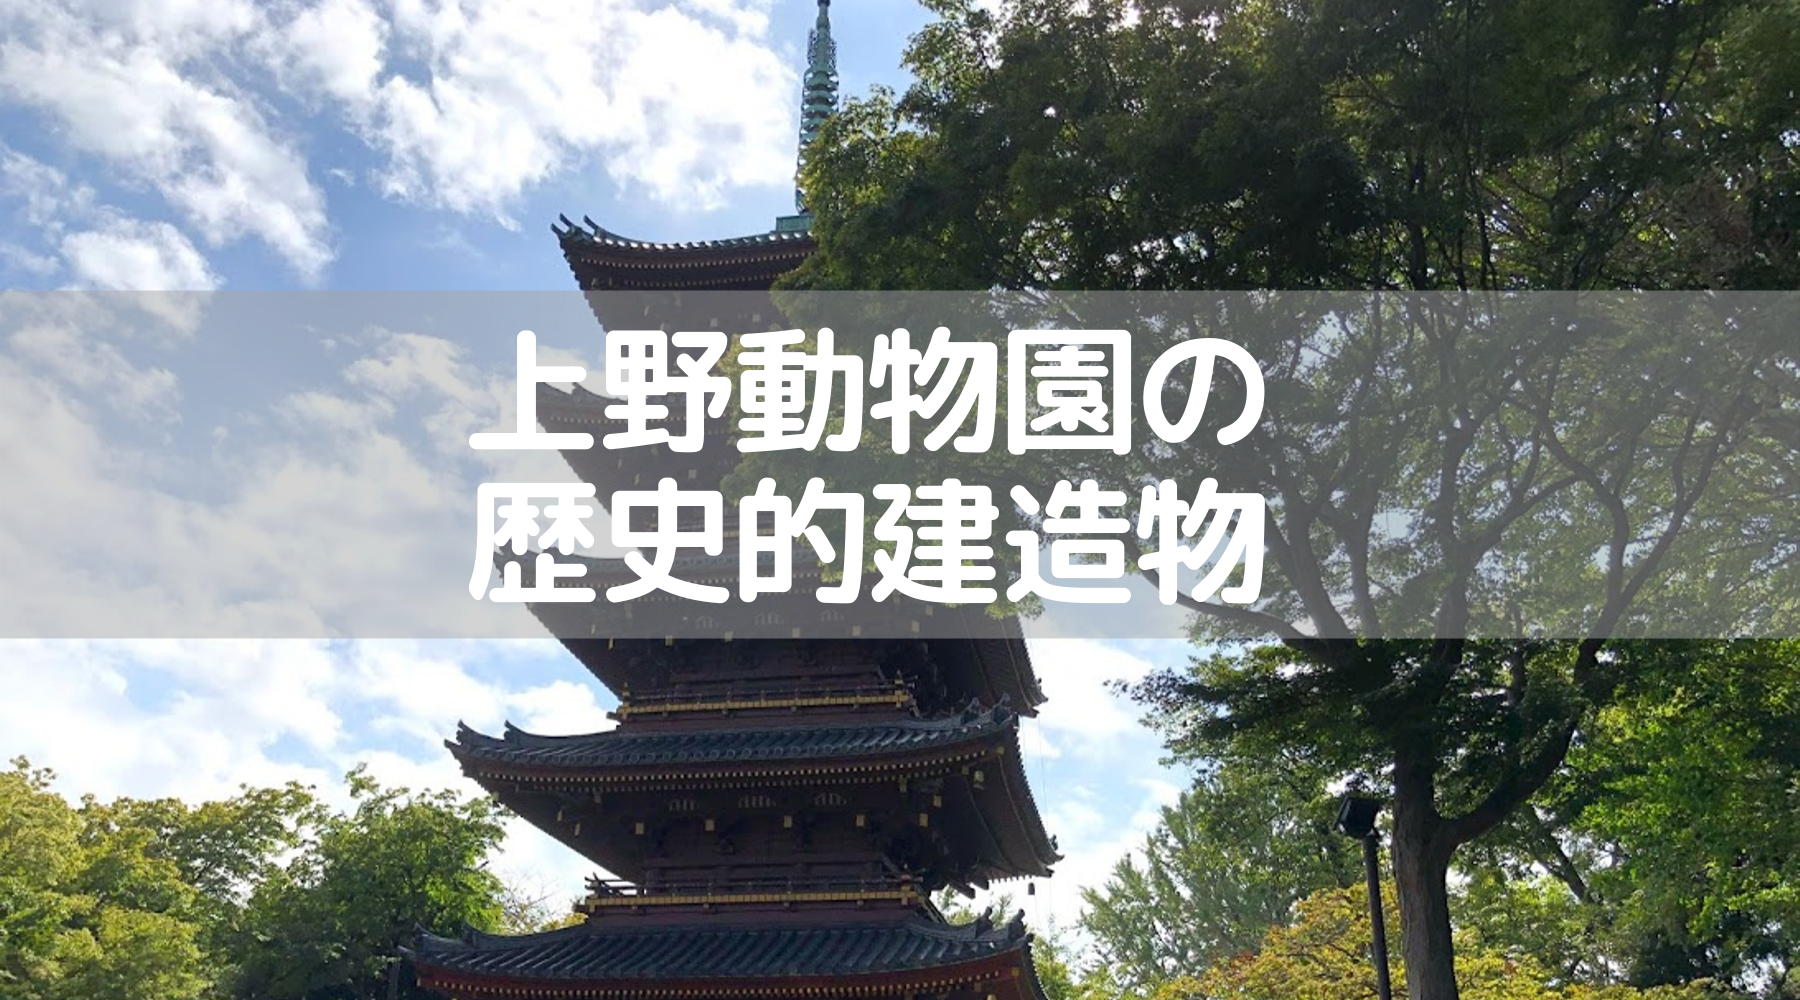 上野動物園-歴史的建築物